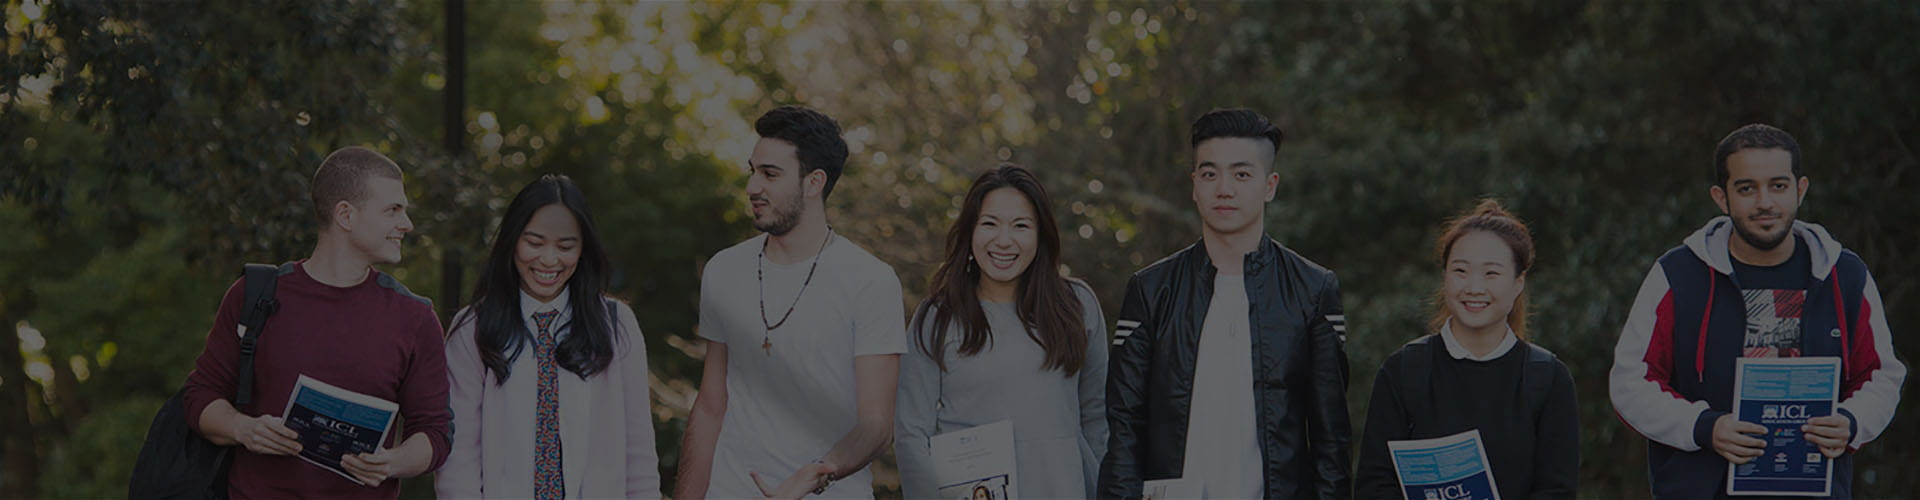 Компания студентов из института ICL